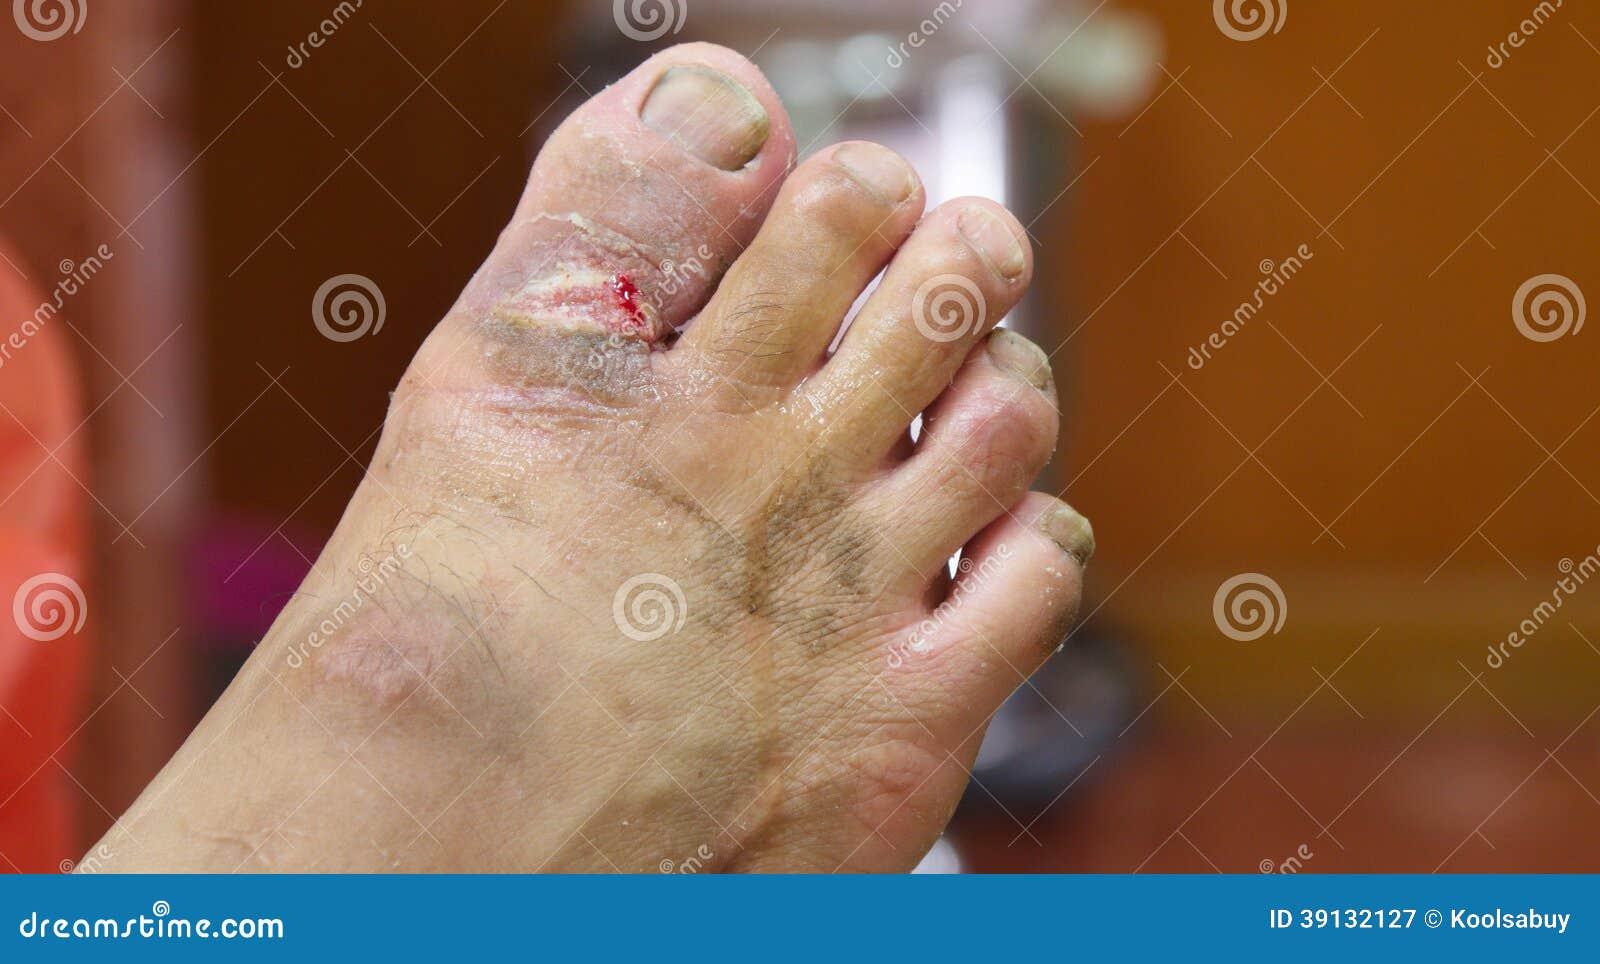 fotos de pie gangrena diabetes